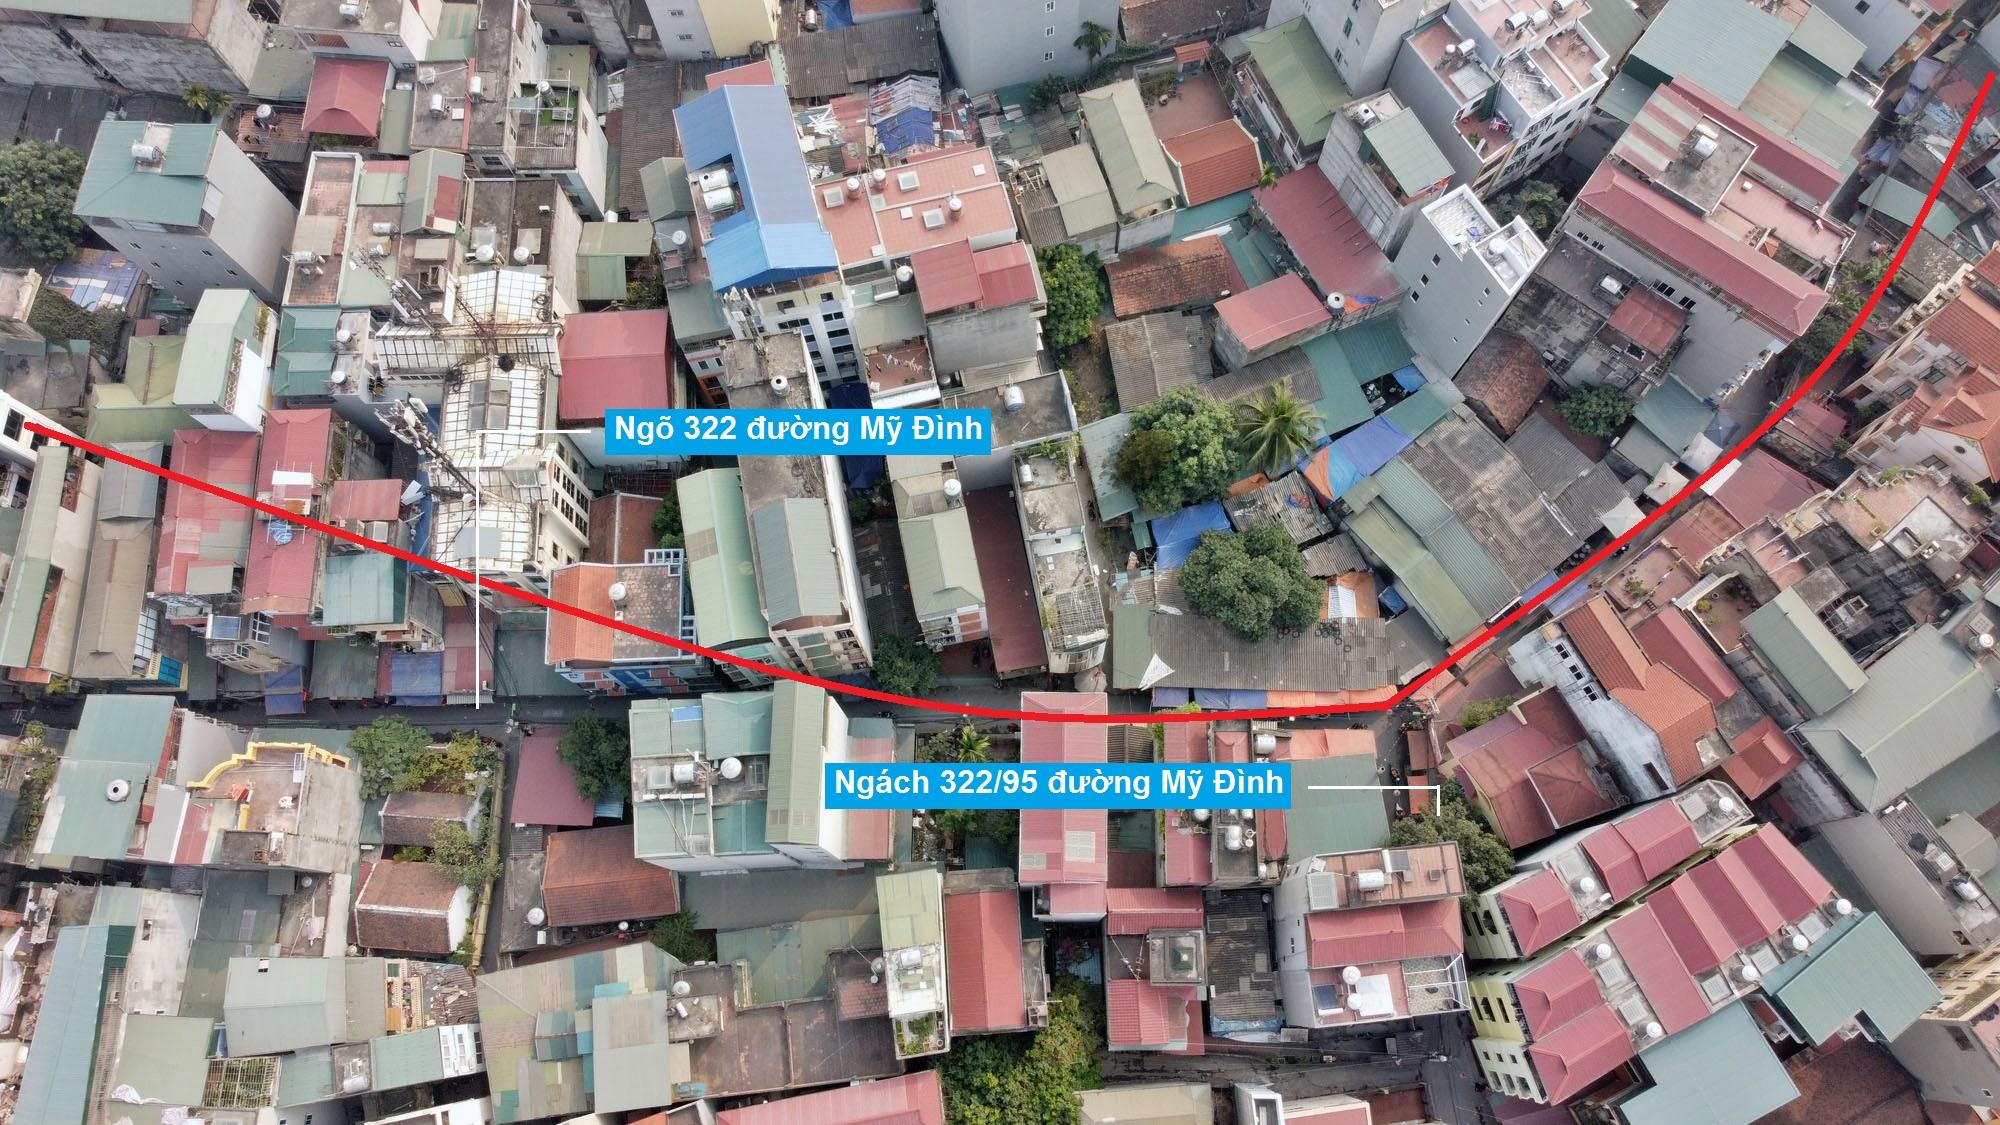 Đường sẽ mở theo qui hoạch ở phường Mỹ Đình 1, Nam Từ Liêm, Hà Nội (phần 2) - Ảnh 4.